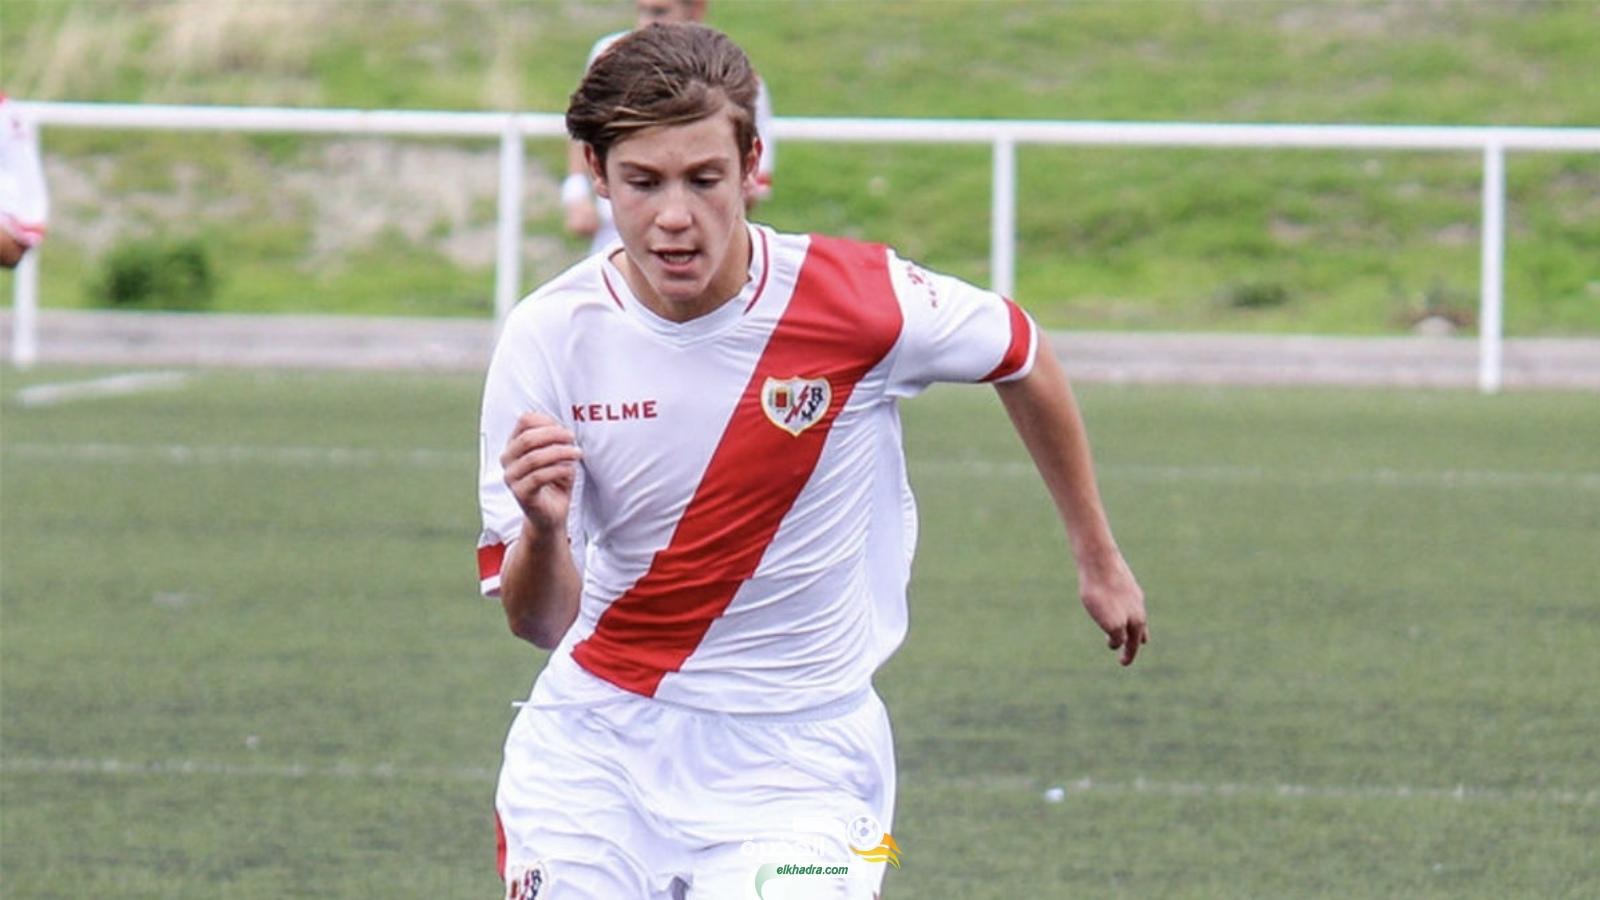 برشلونة يقترب من ضم فابيان لوتزي البالغ من العمر 15 عامًا فقط 29